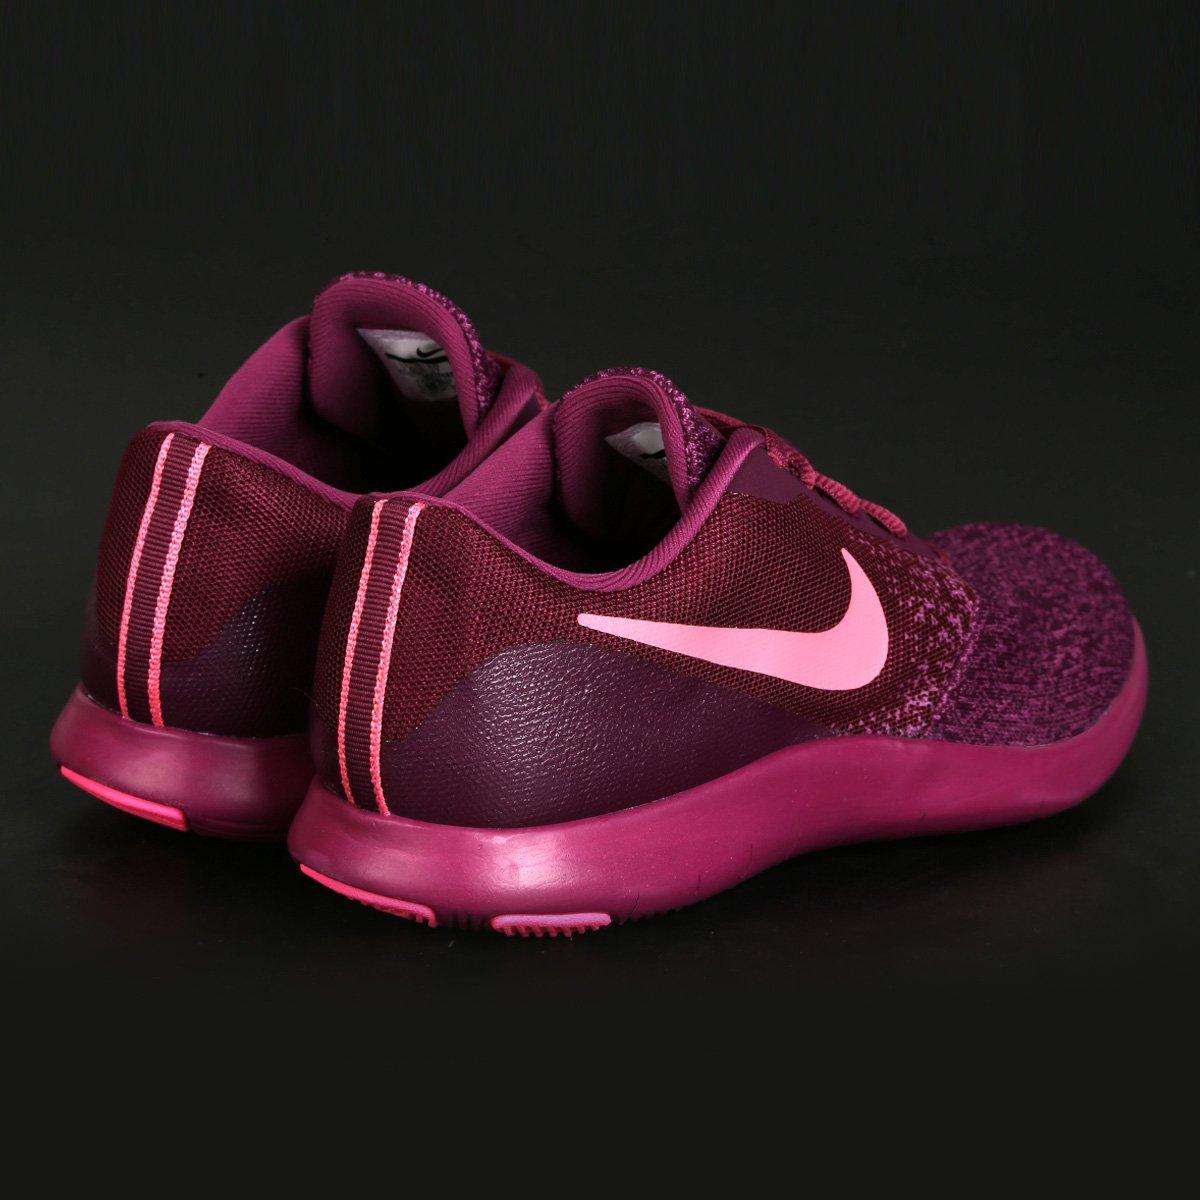 28ad2ec2a4 Tênis Nike Flex Contact Feminino - Bordô - Compre Agora